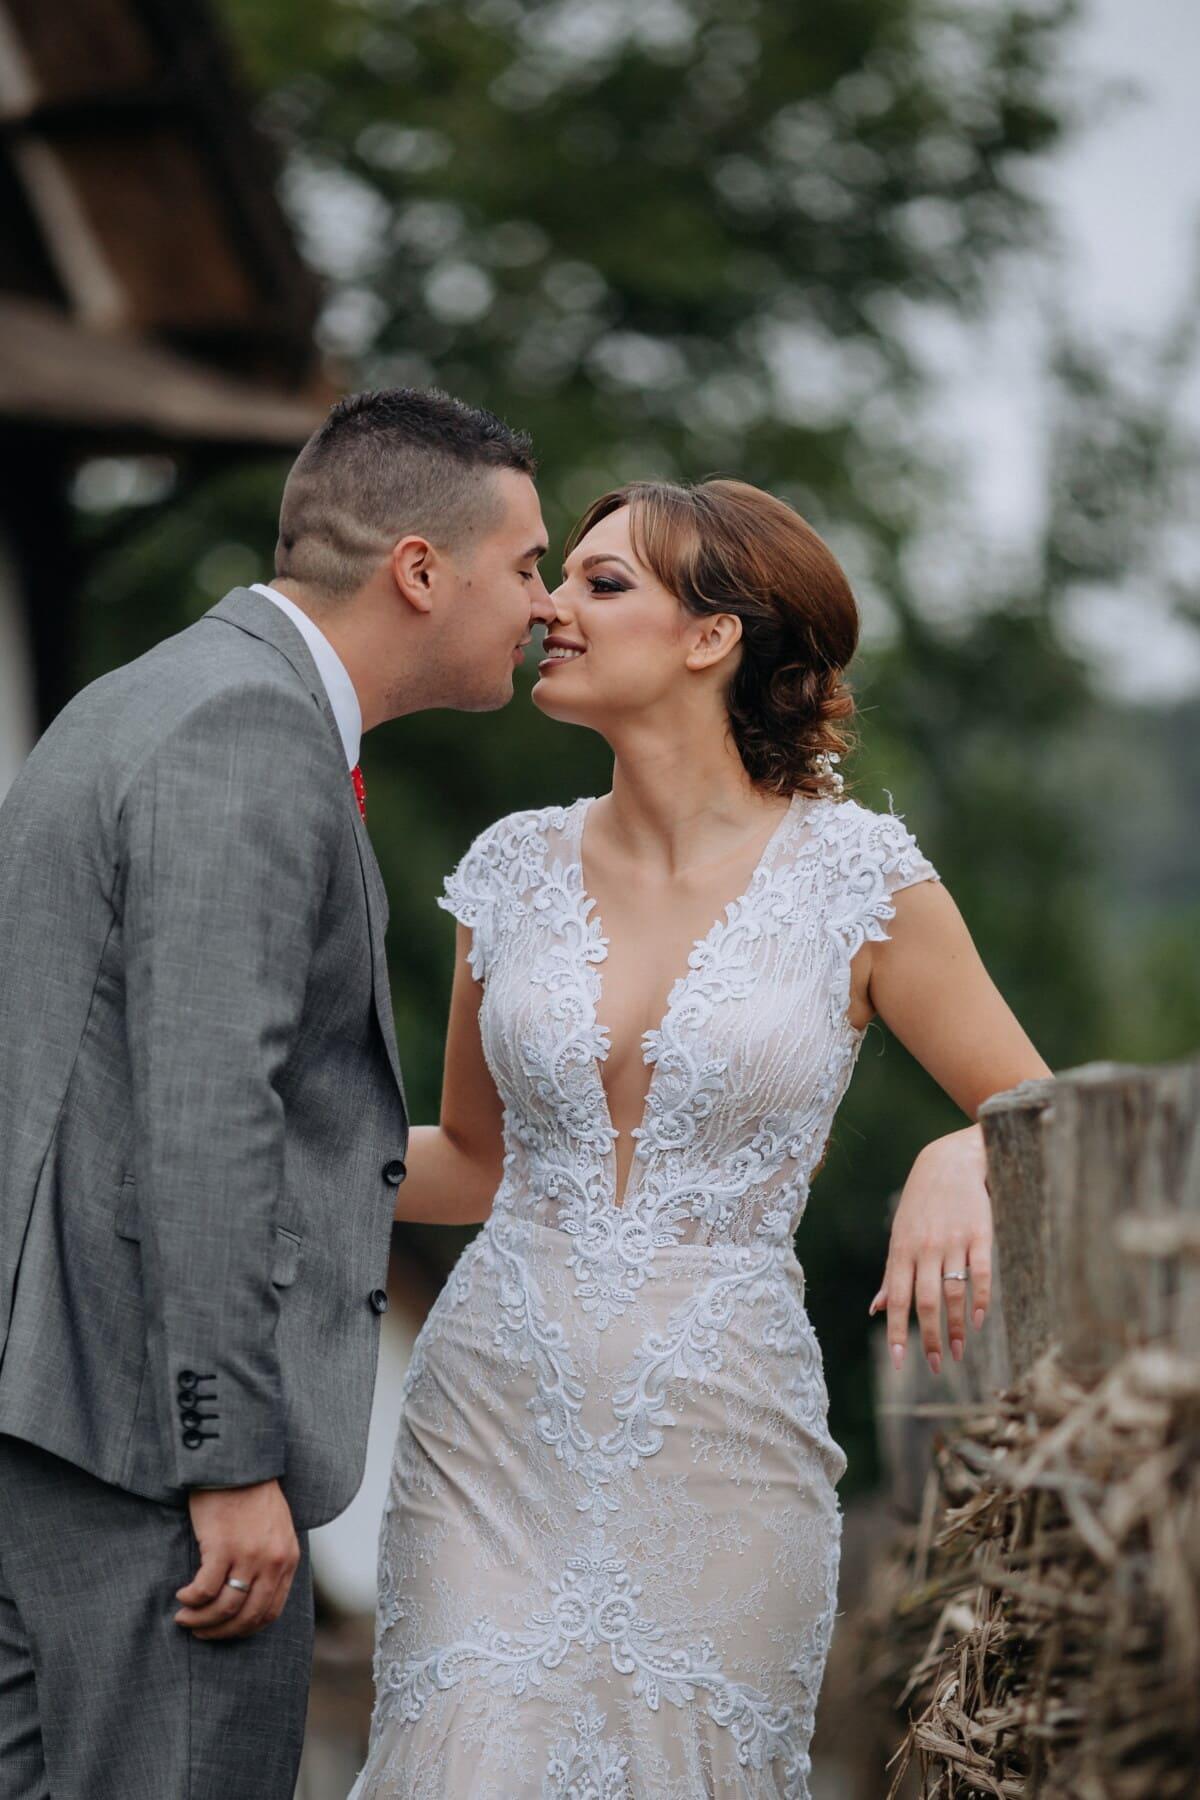 jeune femme, villageois, homme d'affaire, baiser, rural, palissade, la mariée, jeune marié, couple, homme